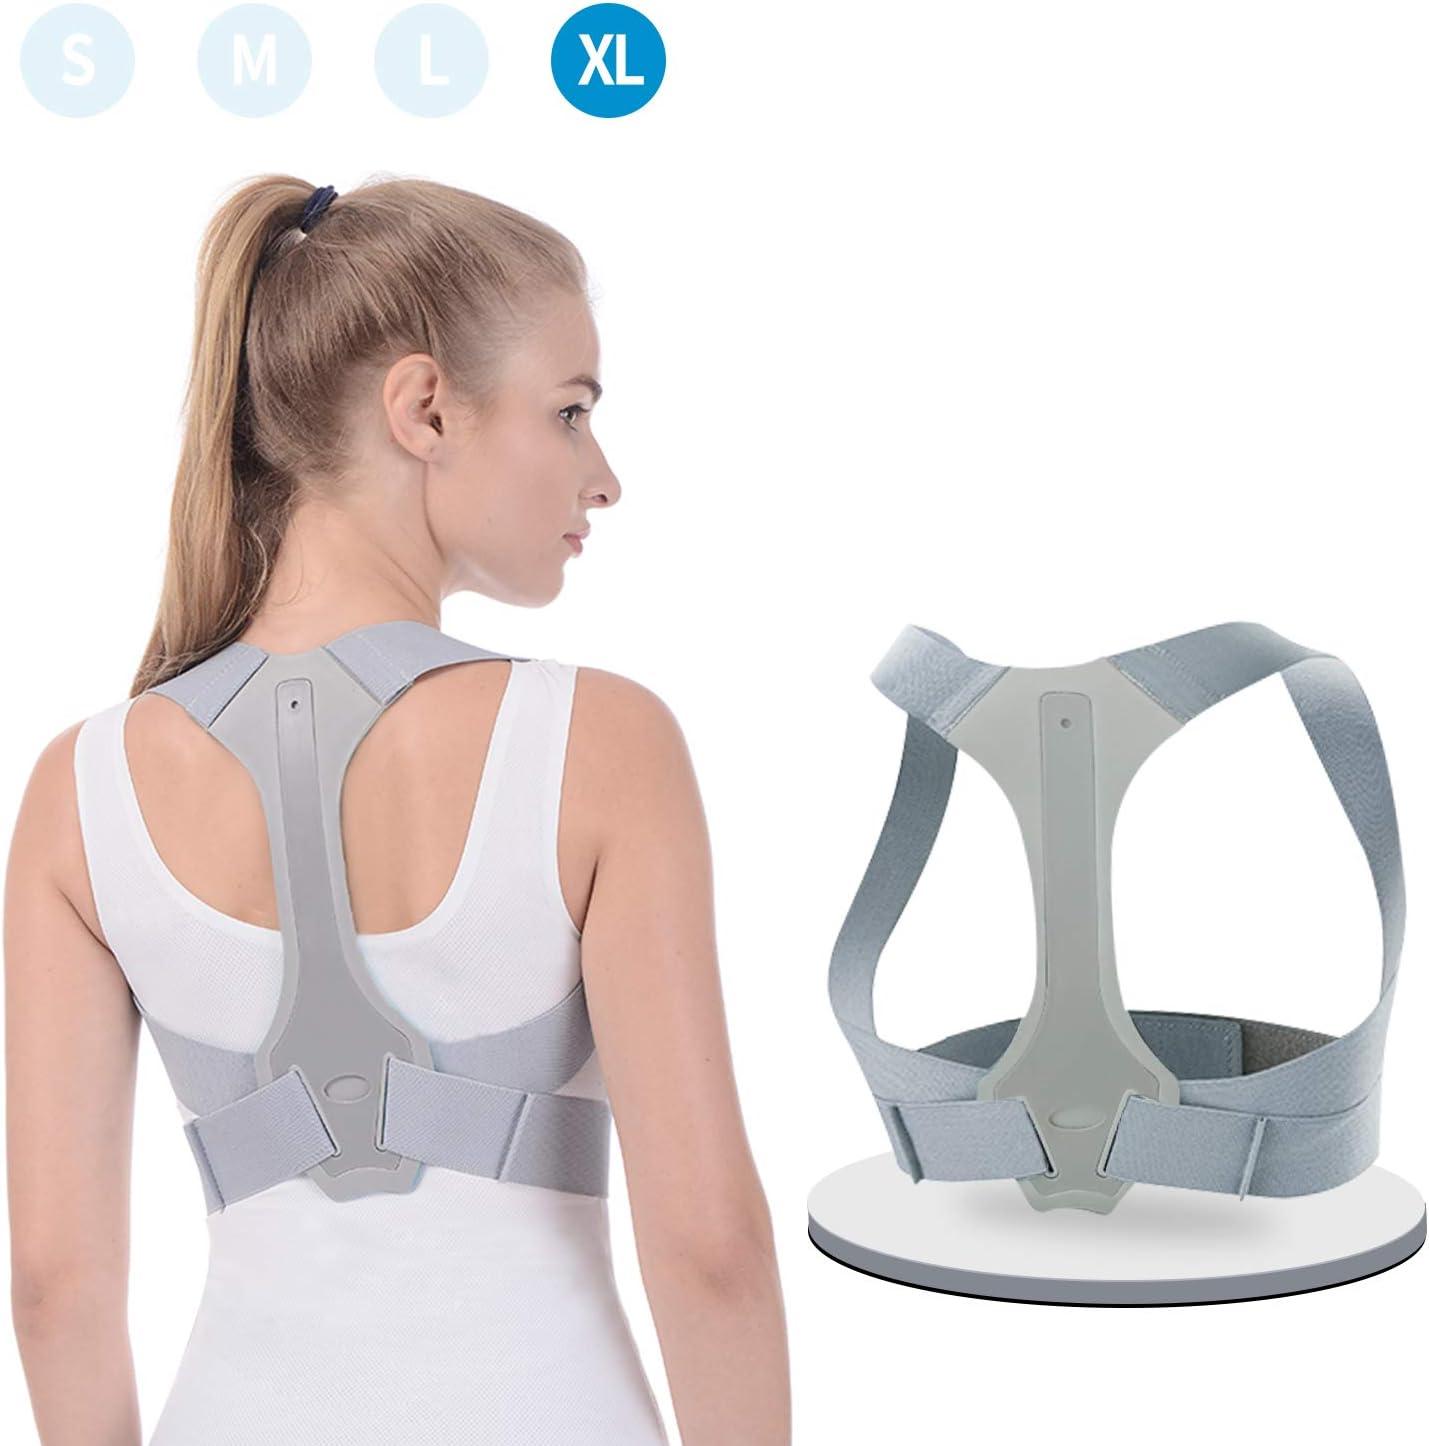 ANOOPSYCHE Corrector de Postura Espalda Hombros Para Hombre y Mujer Talla Asjustable Chaleco Corrector de Postura Transpirable es Ideal para Aliviar los Dolores Dorsales,Thoraciques,Cuello y Hombros